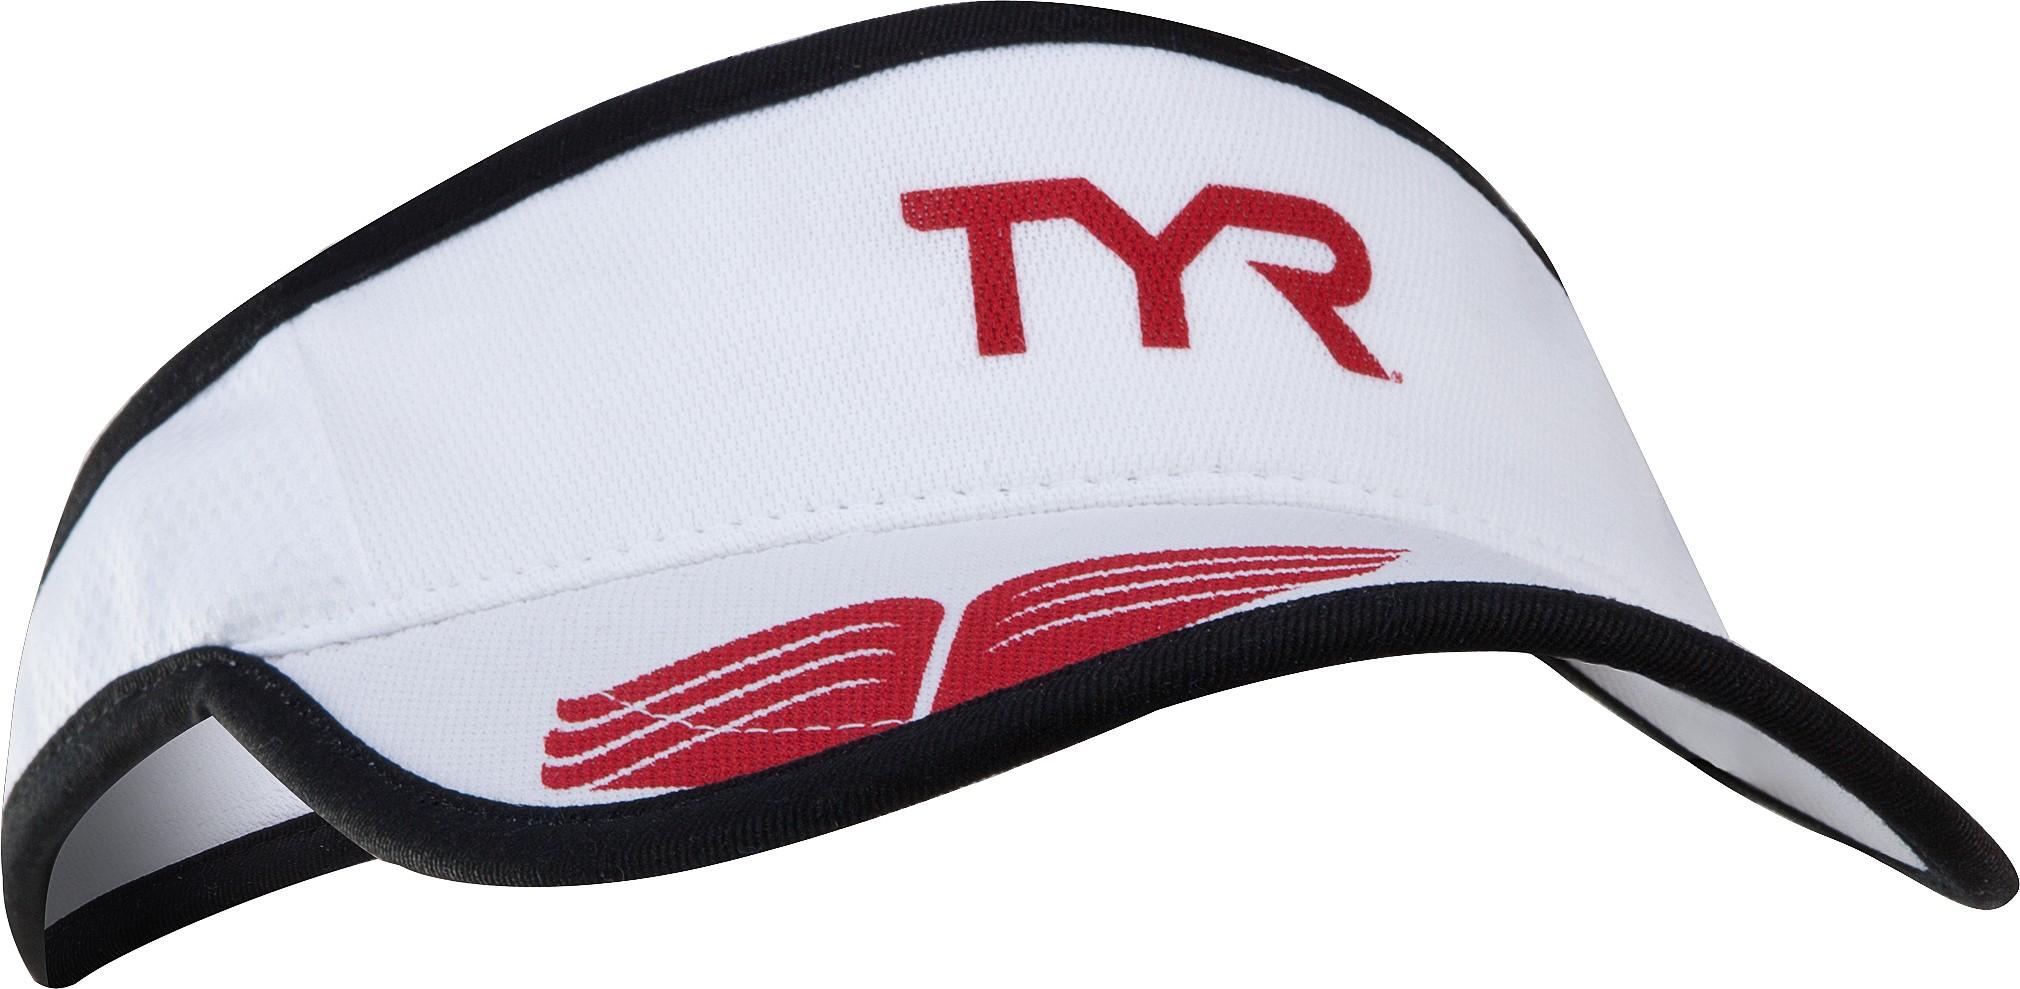 7fca4cd7c28f4d Running Gifts - TYR Sport Running Visor